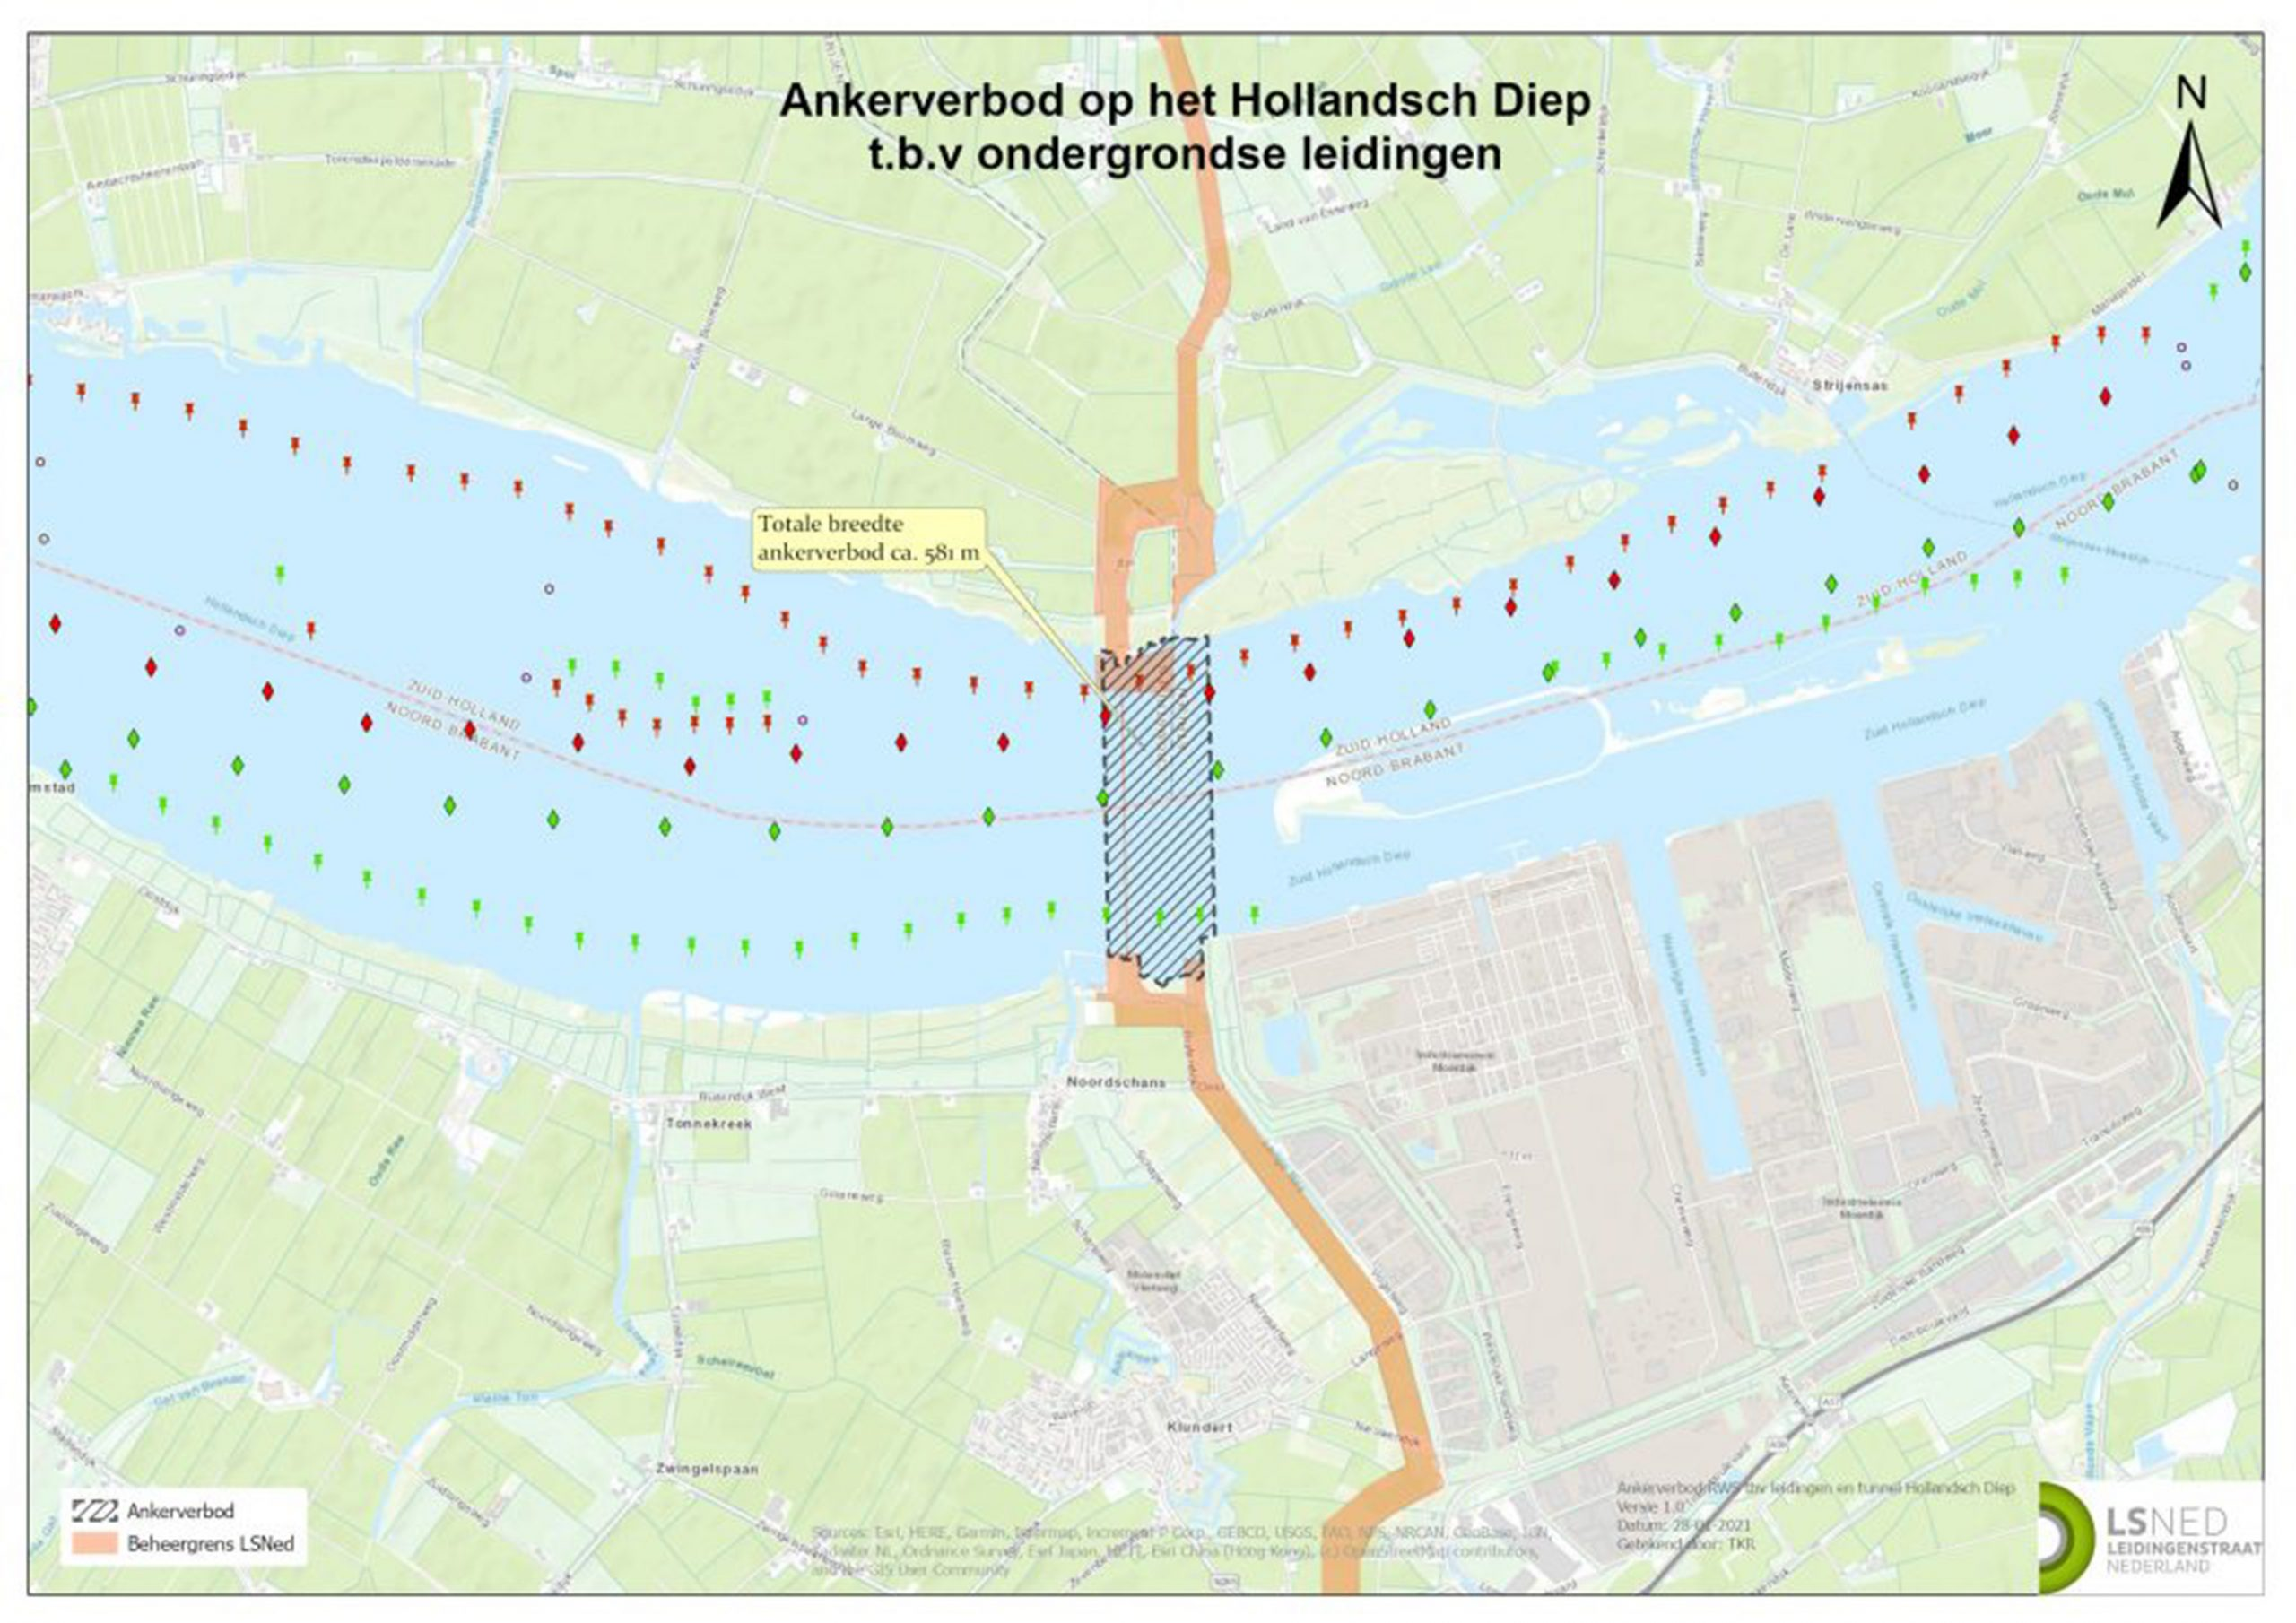 In totaal geldt het anker- en spudpaalverbod op het Hollandsch Diep over een breedte van 581 meter. (Tekening Leidingenstraat Nederland)